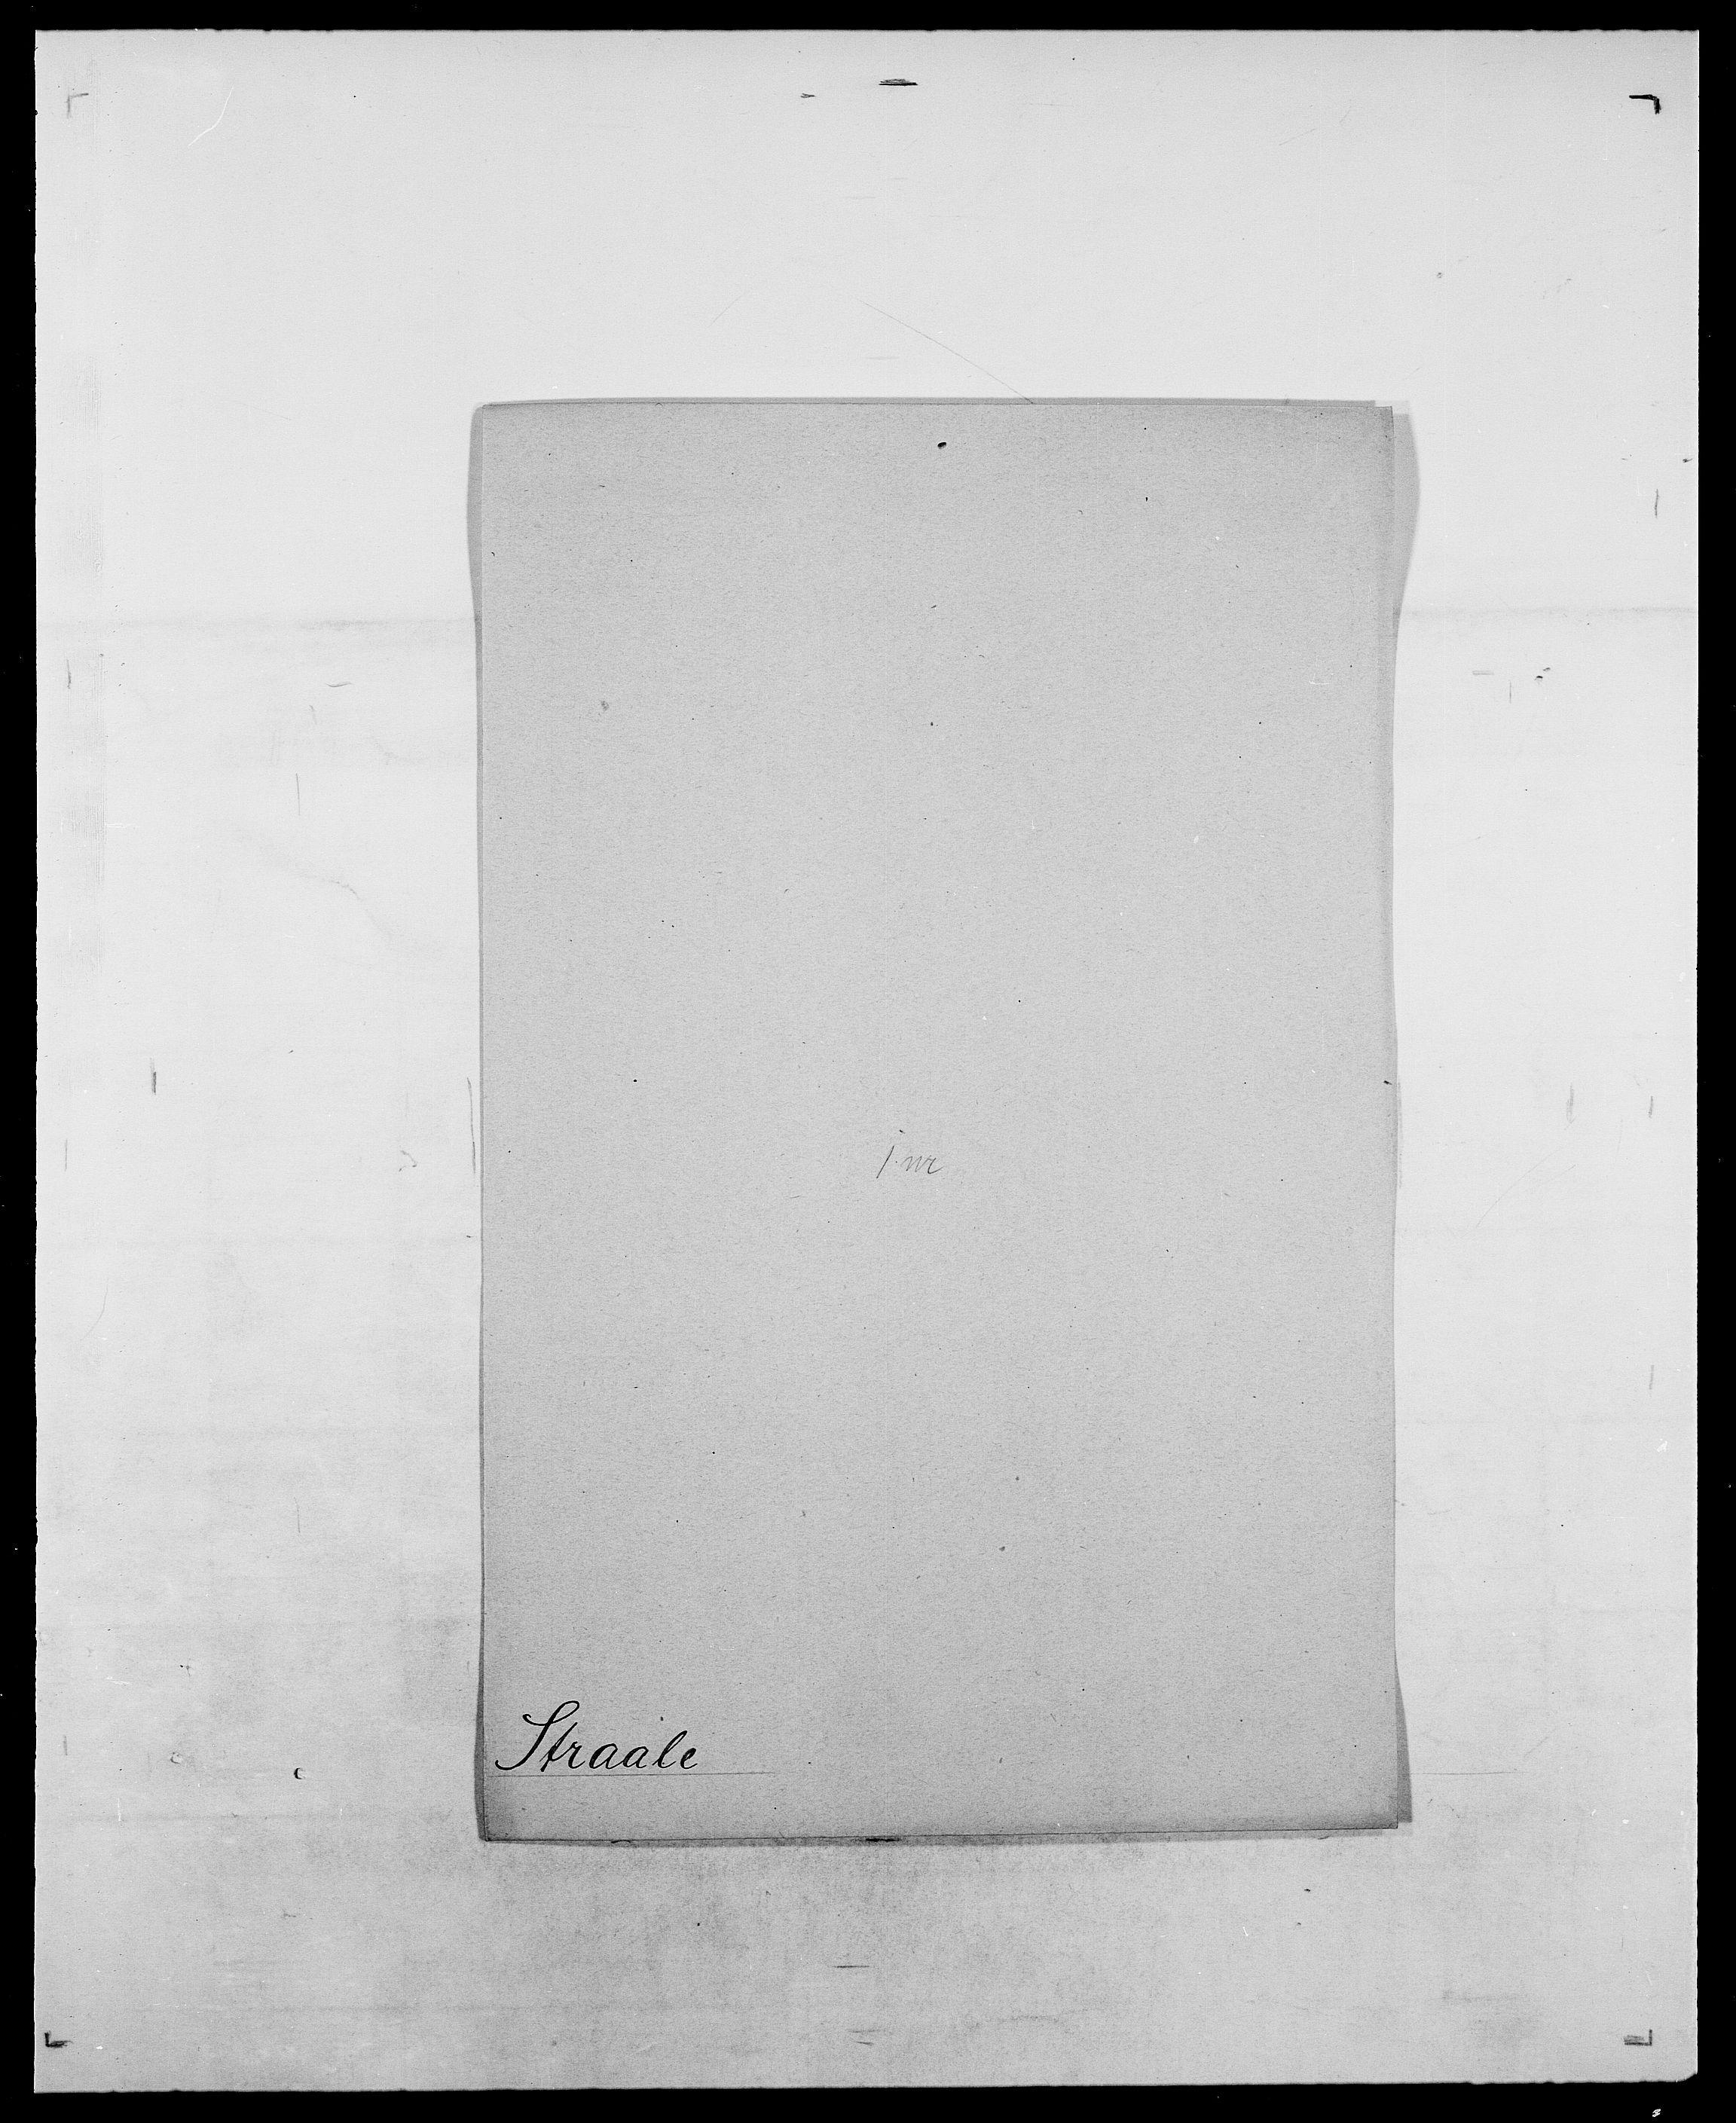 SAO, Delgobe, Charles Antoine - samling, D/Da/L0037: Steen, Sthen, Stein - Svare, Svanige, Svanne, se også Svanning og Schwane, s. 551